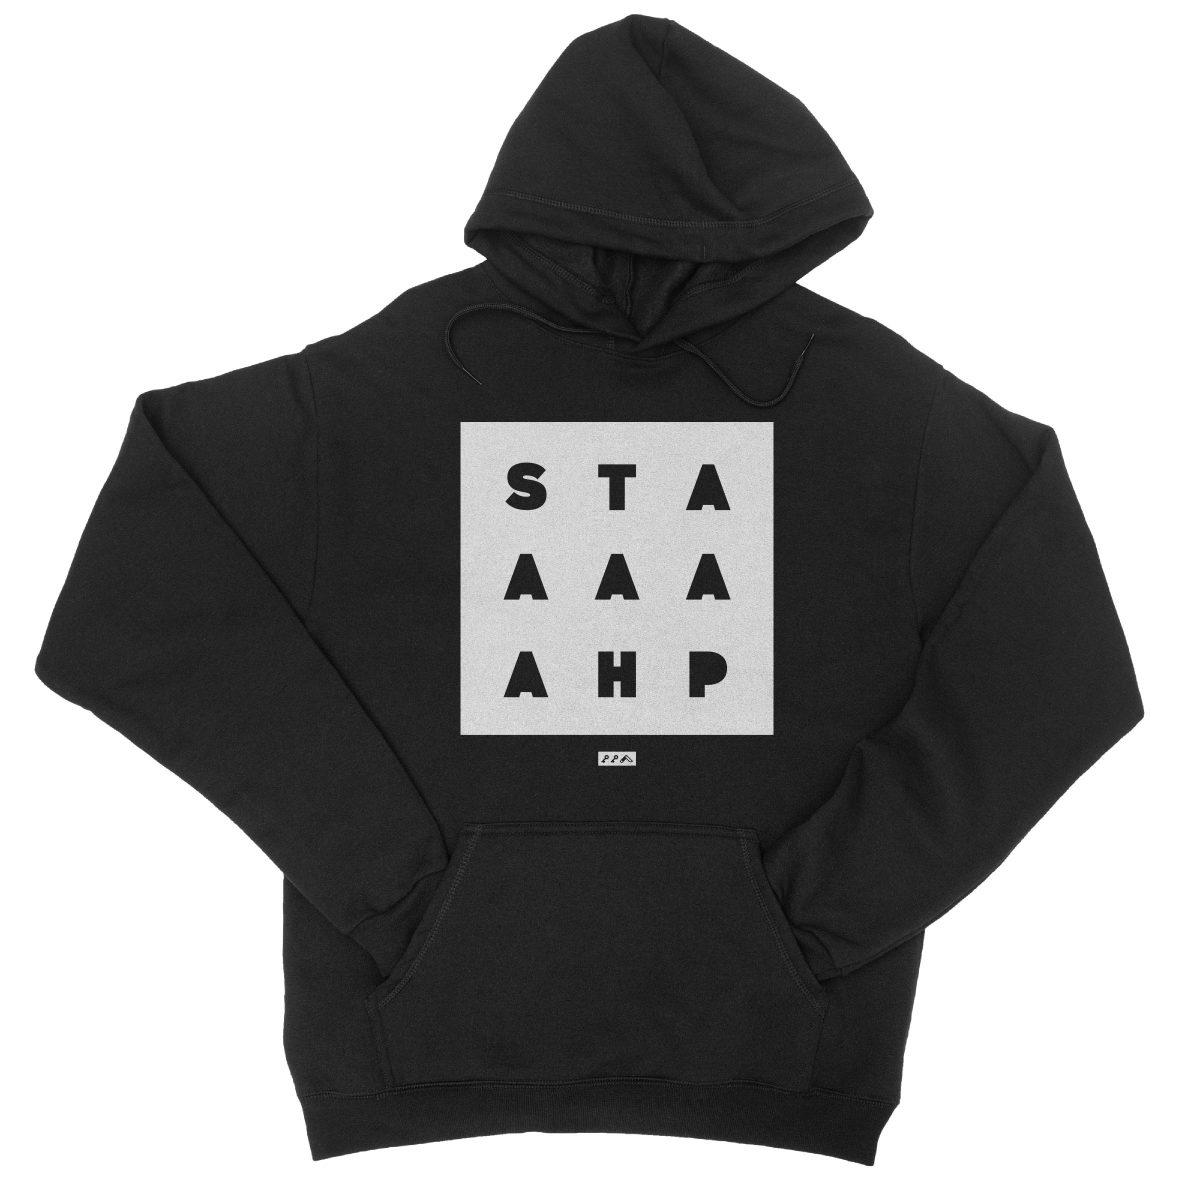 """""""STAAAAAHP"""" funny philly slang hoodie sweatshirt in black"""